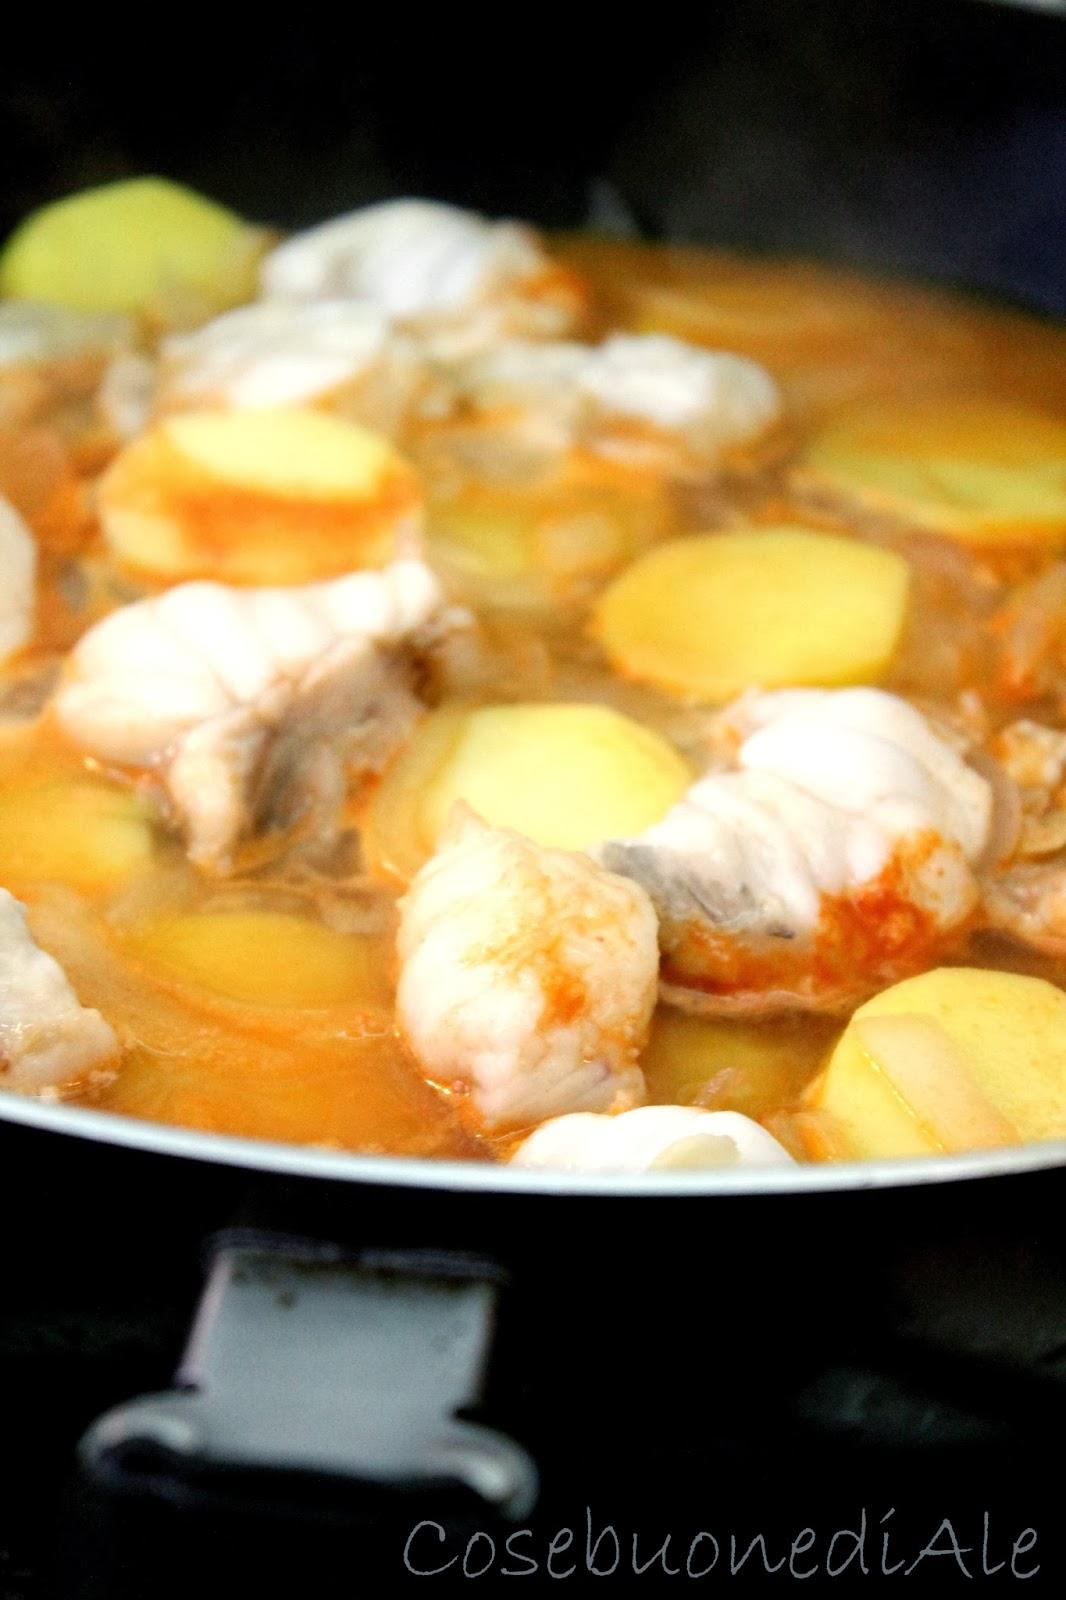 CosebuonediAle: rana pescatrice in umido con patate